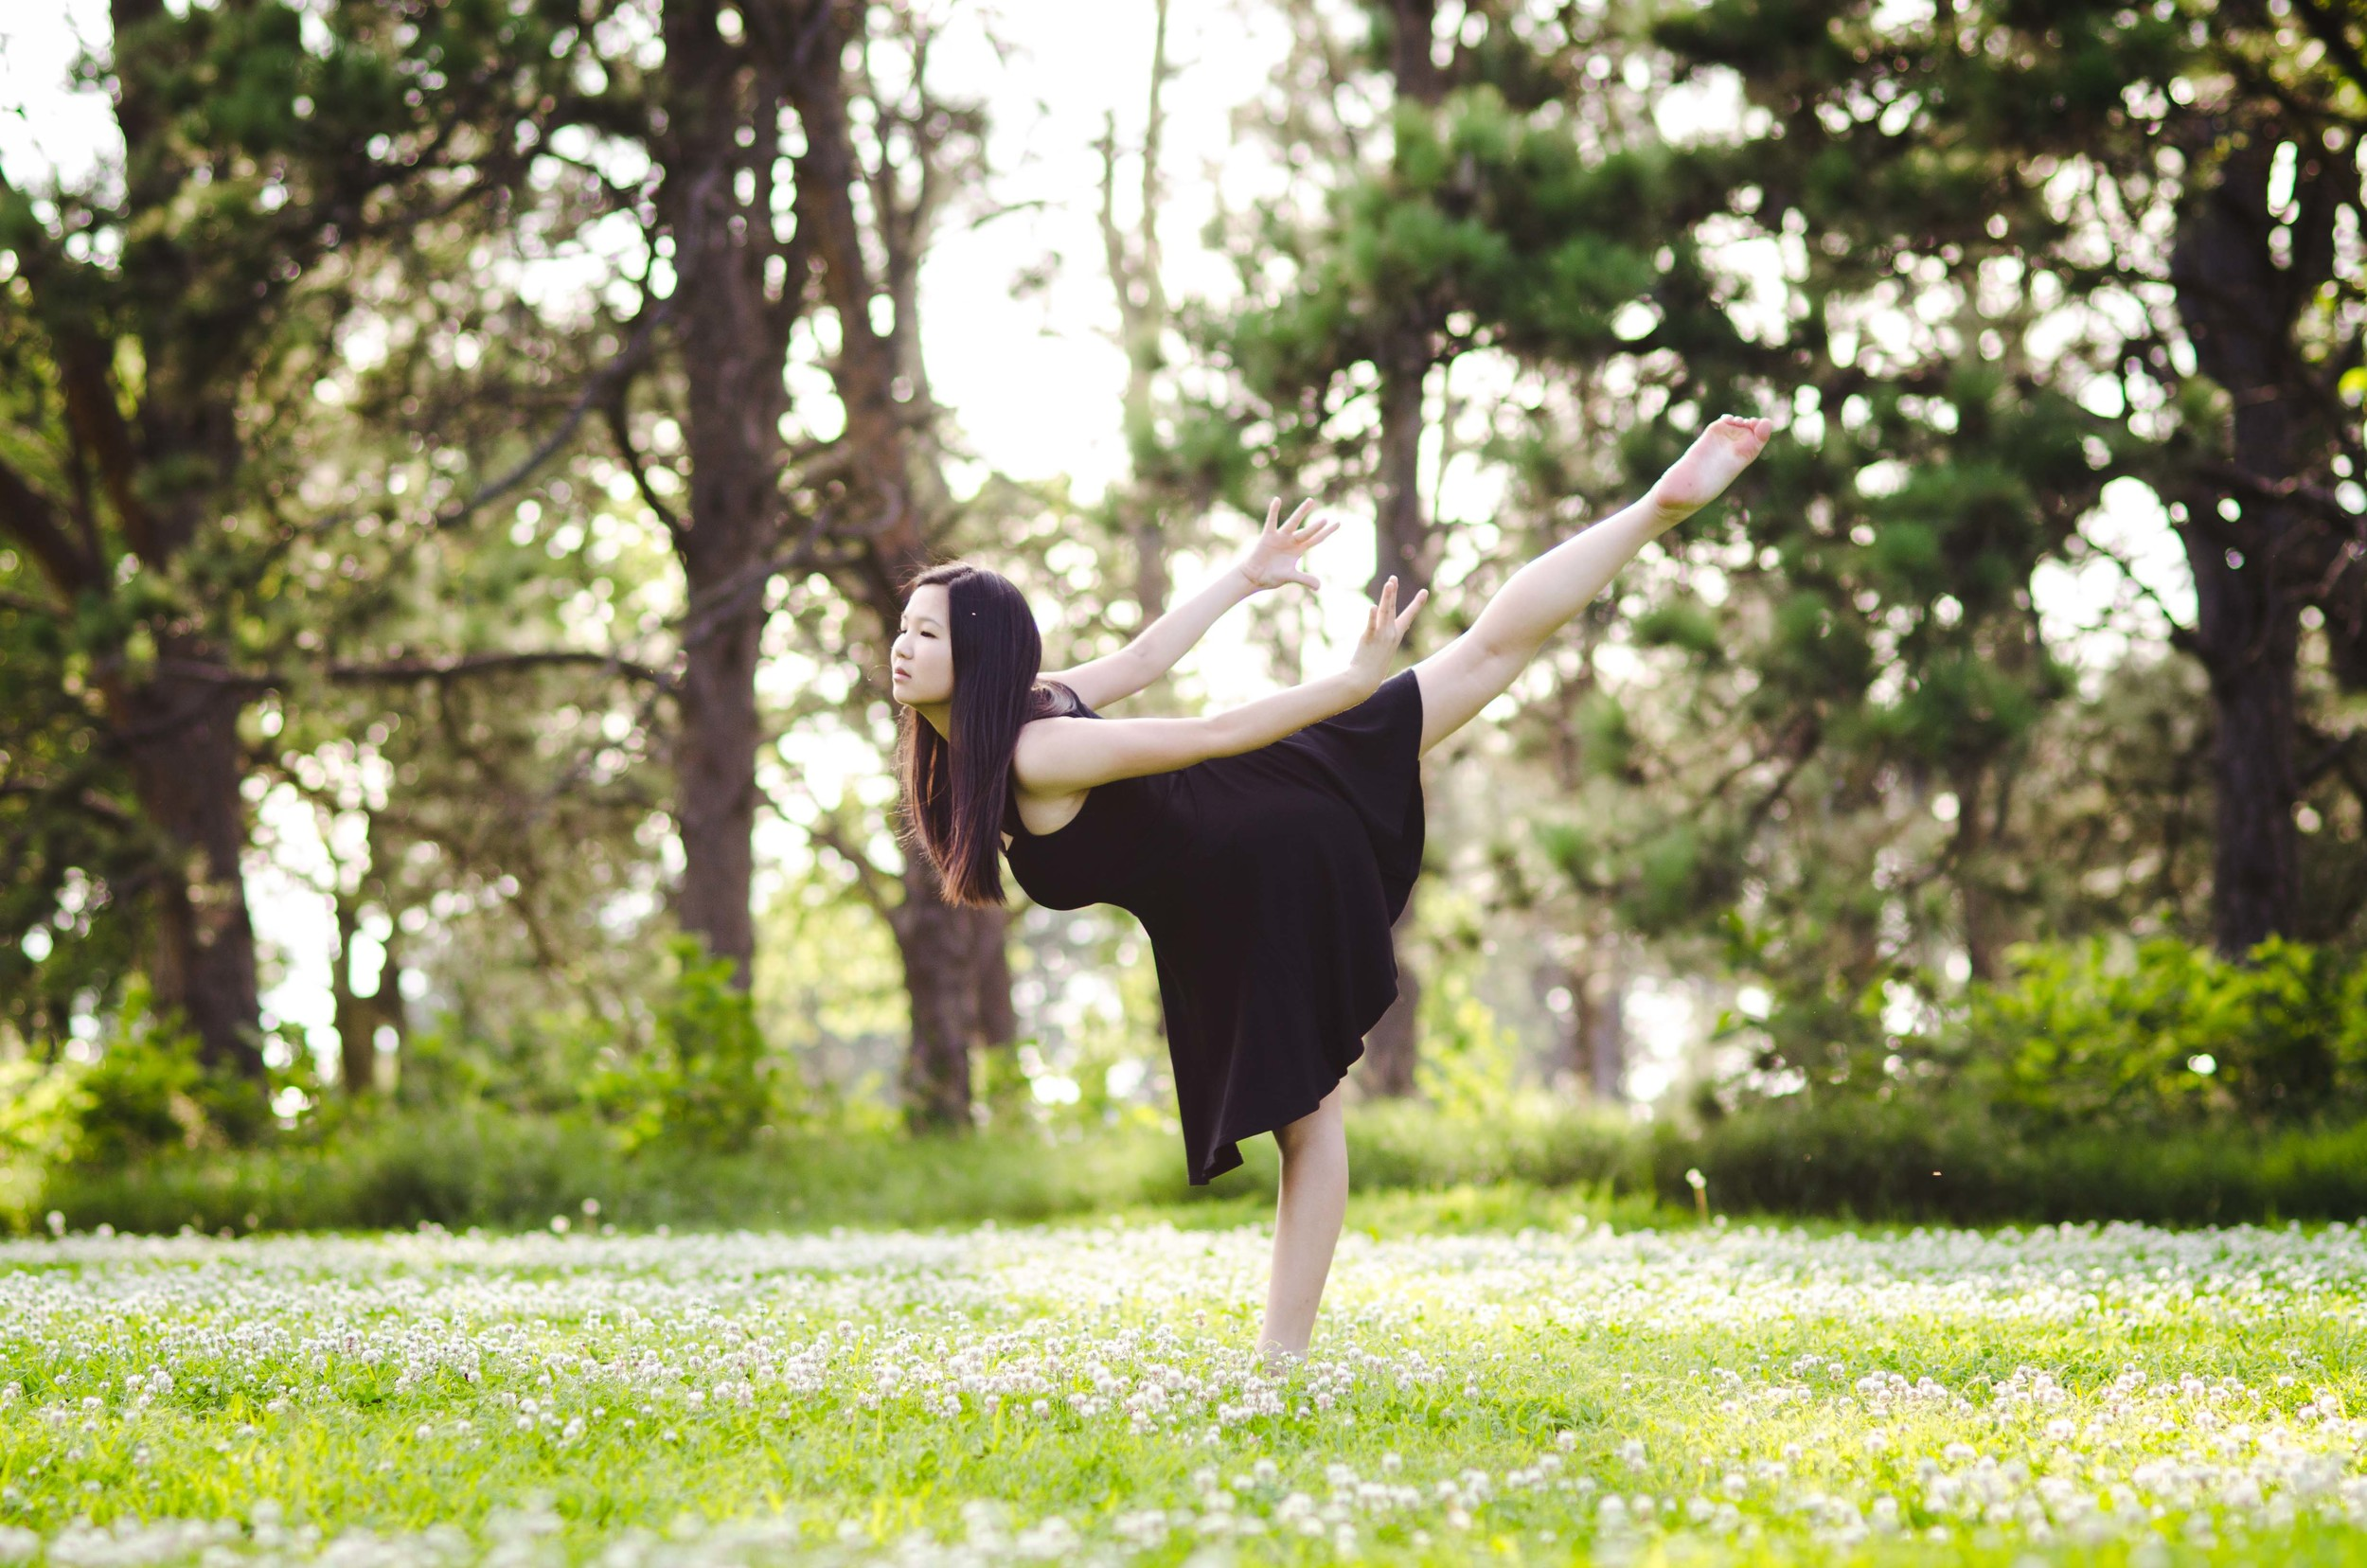 // Casual gymnast.